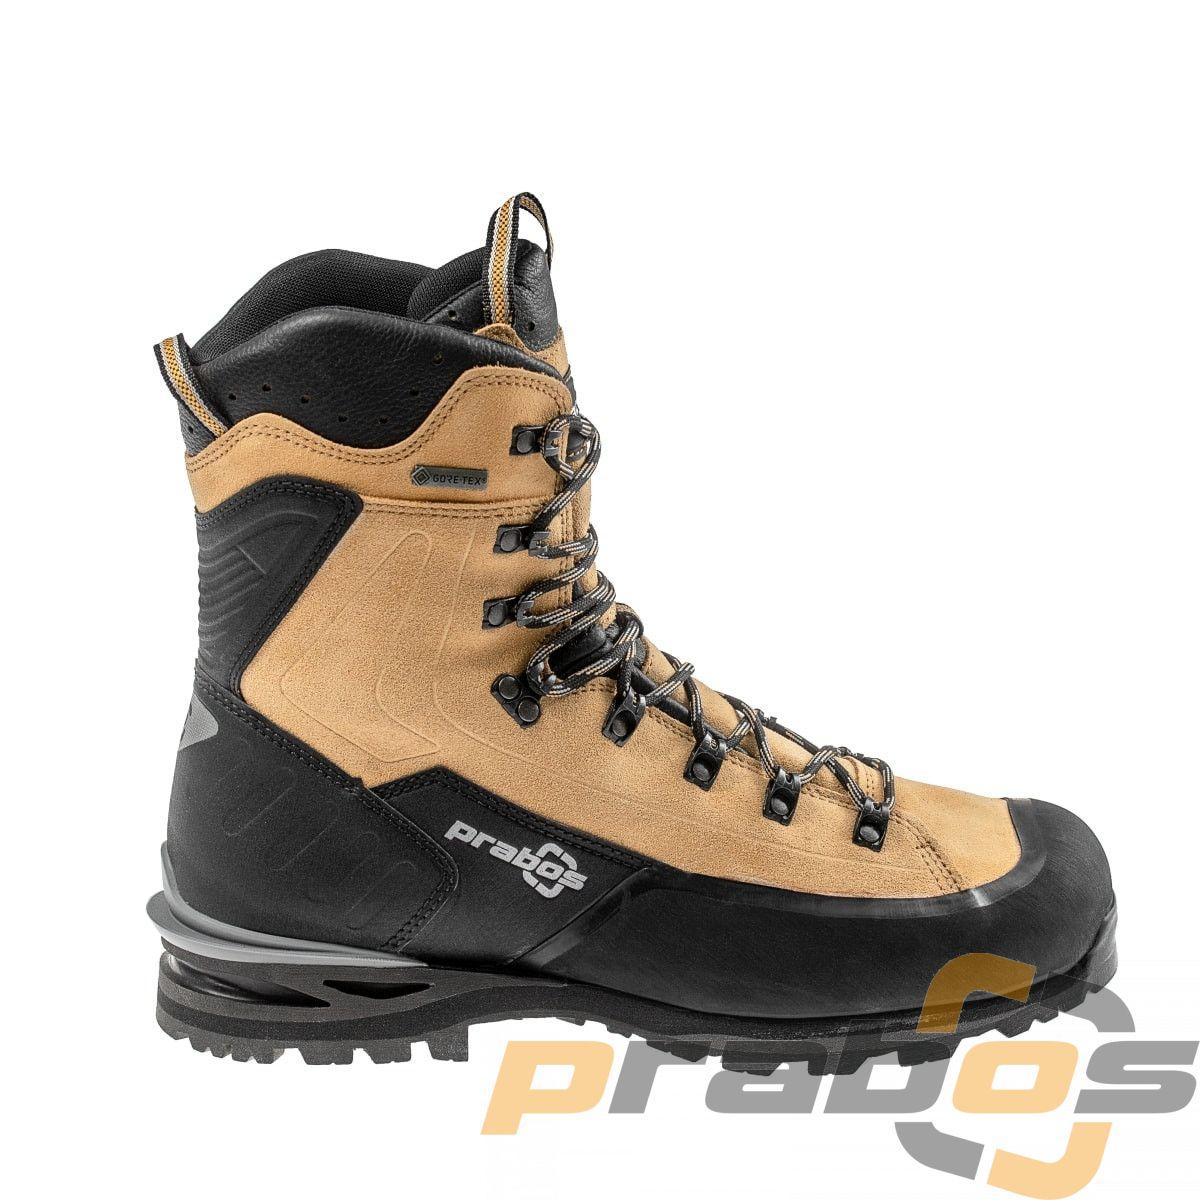 4944bbf5 Pular GTX – lekkie zimowe buty trekkingowe na górskie szlaki | Prabos